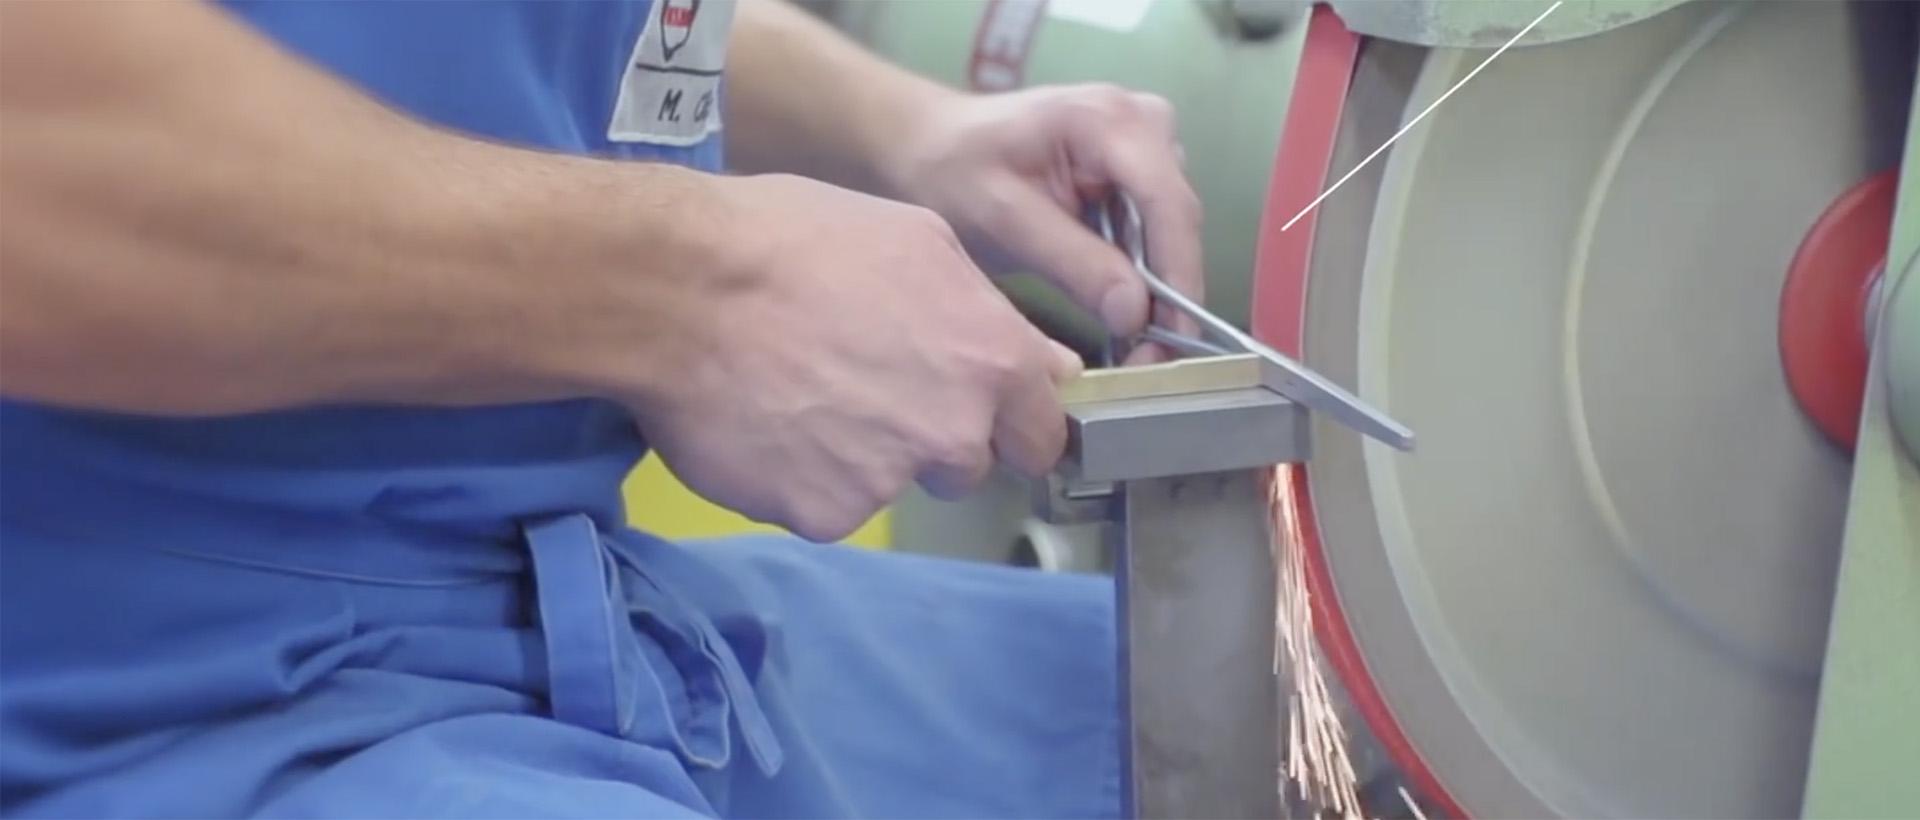 Video Chirurgische Instrumente